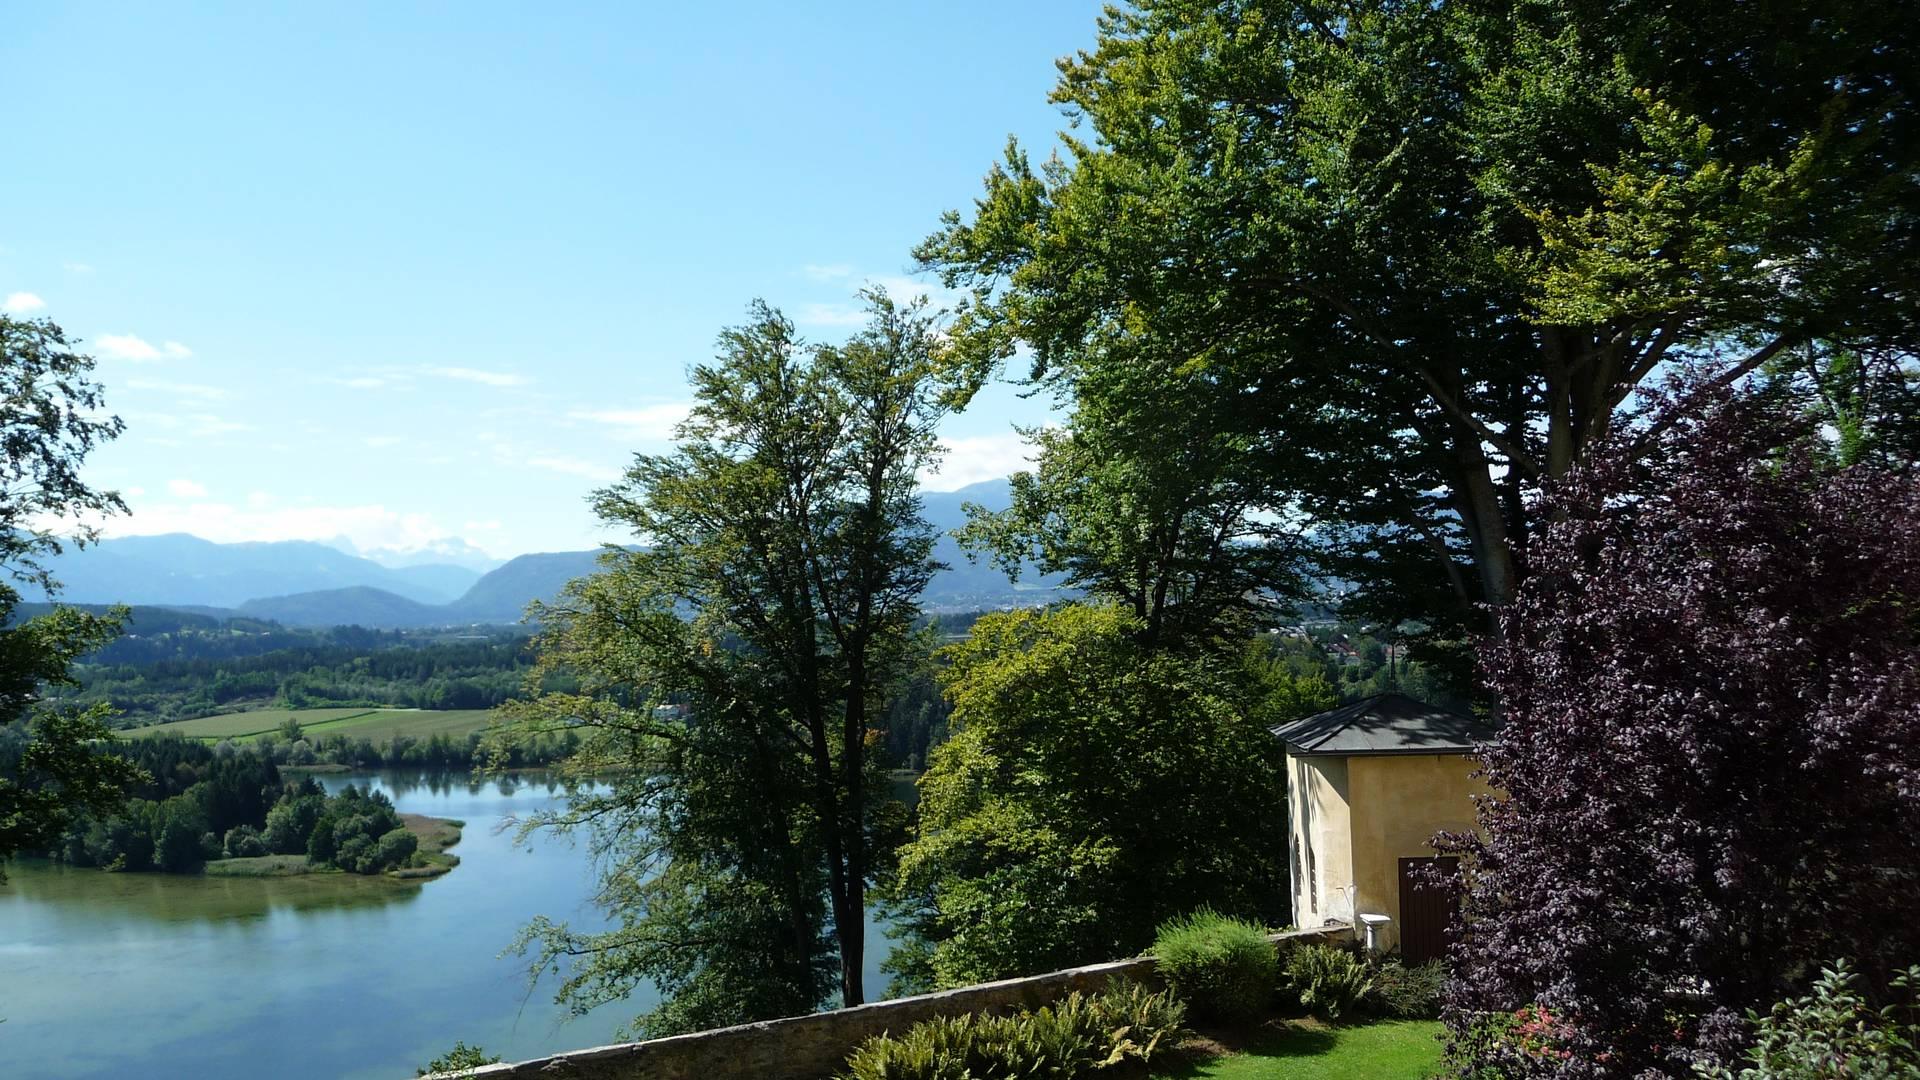 Burgen und Schlösser in Kärnten, Kloster Wernberg, Blick vom Garten zur Drauschleife